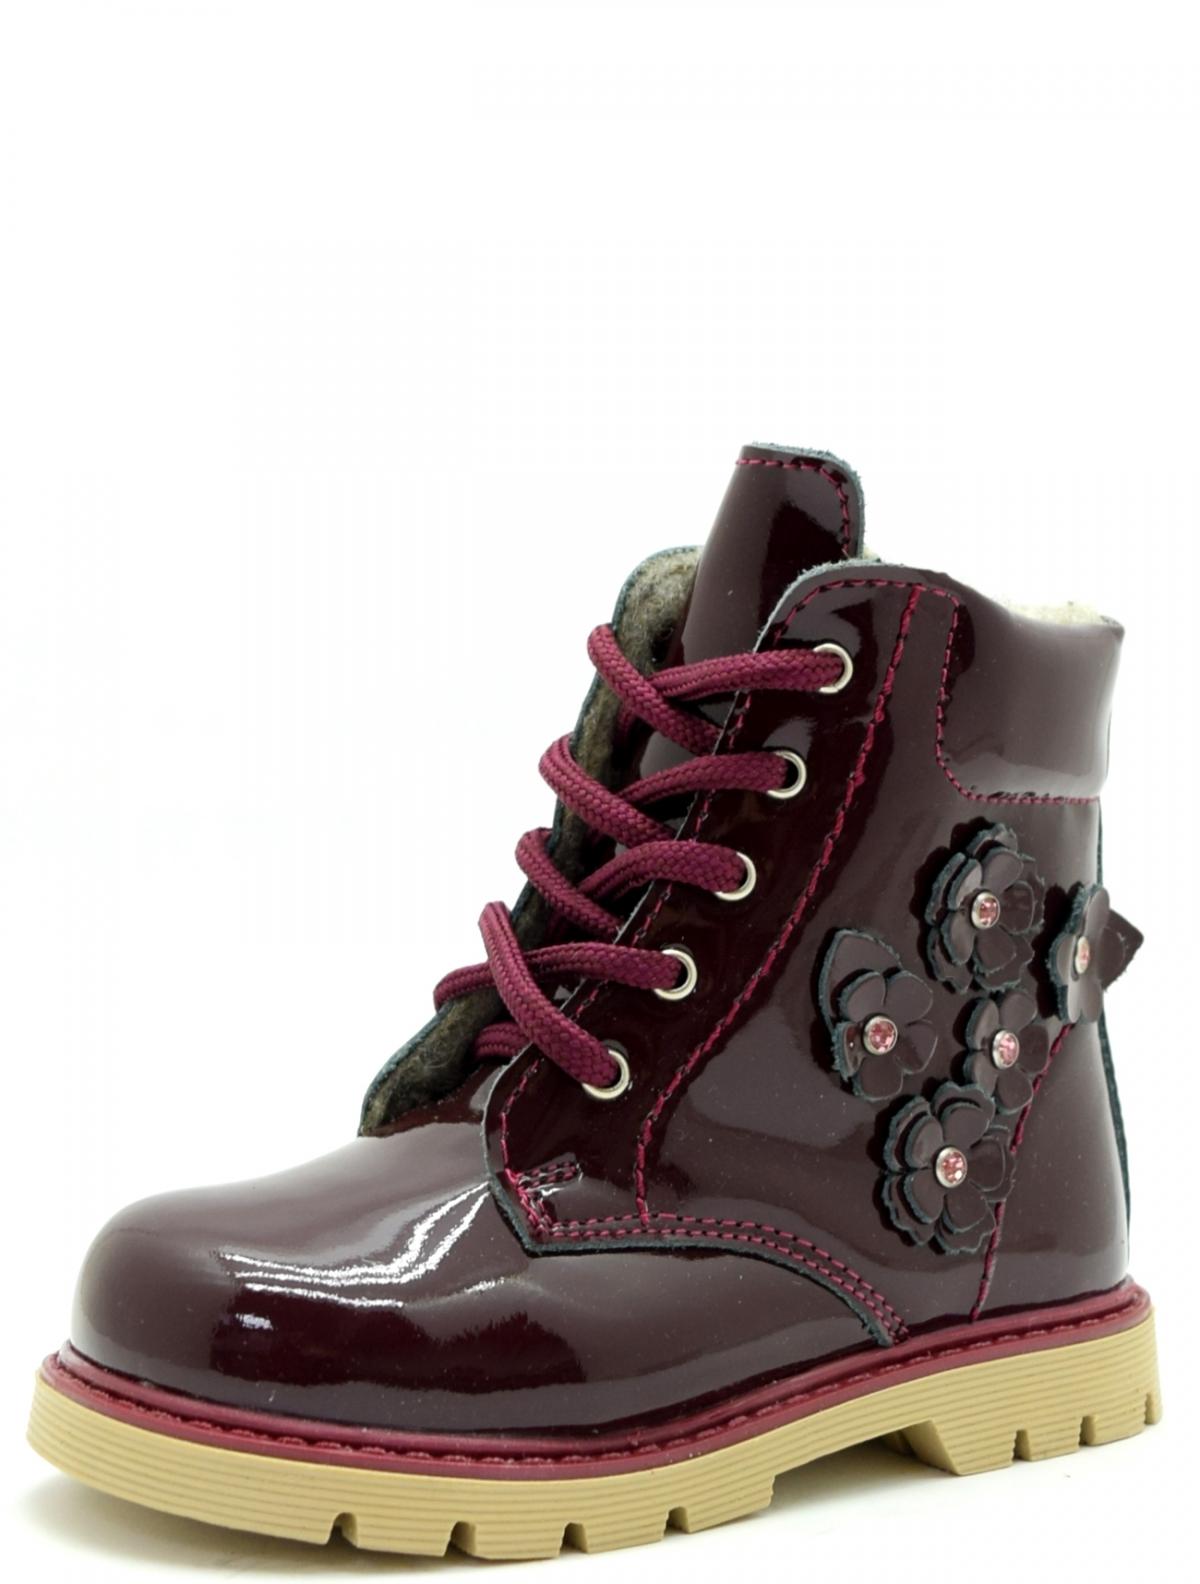 352068-32 ботинки для девочки